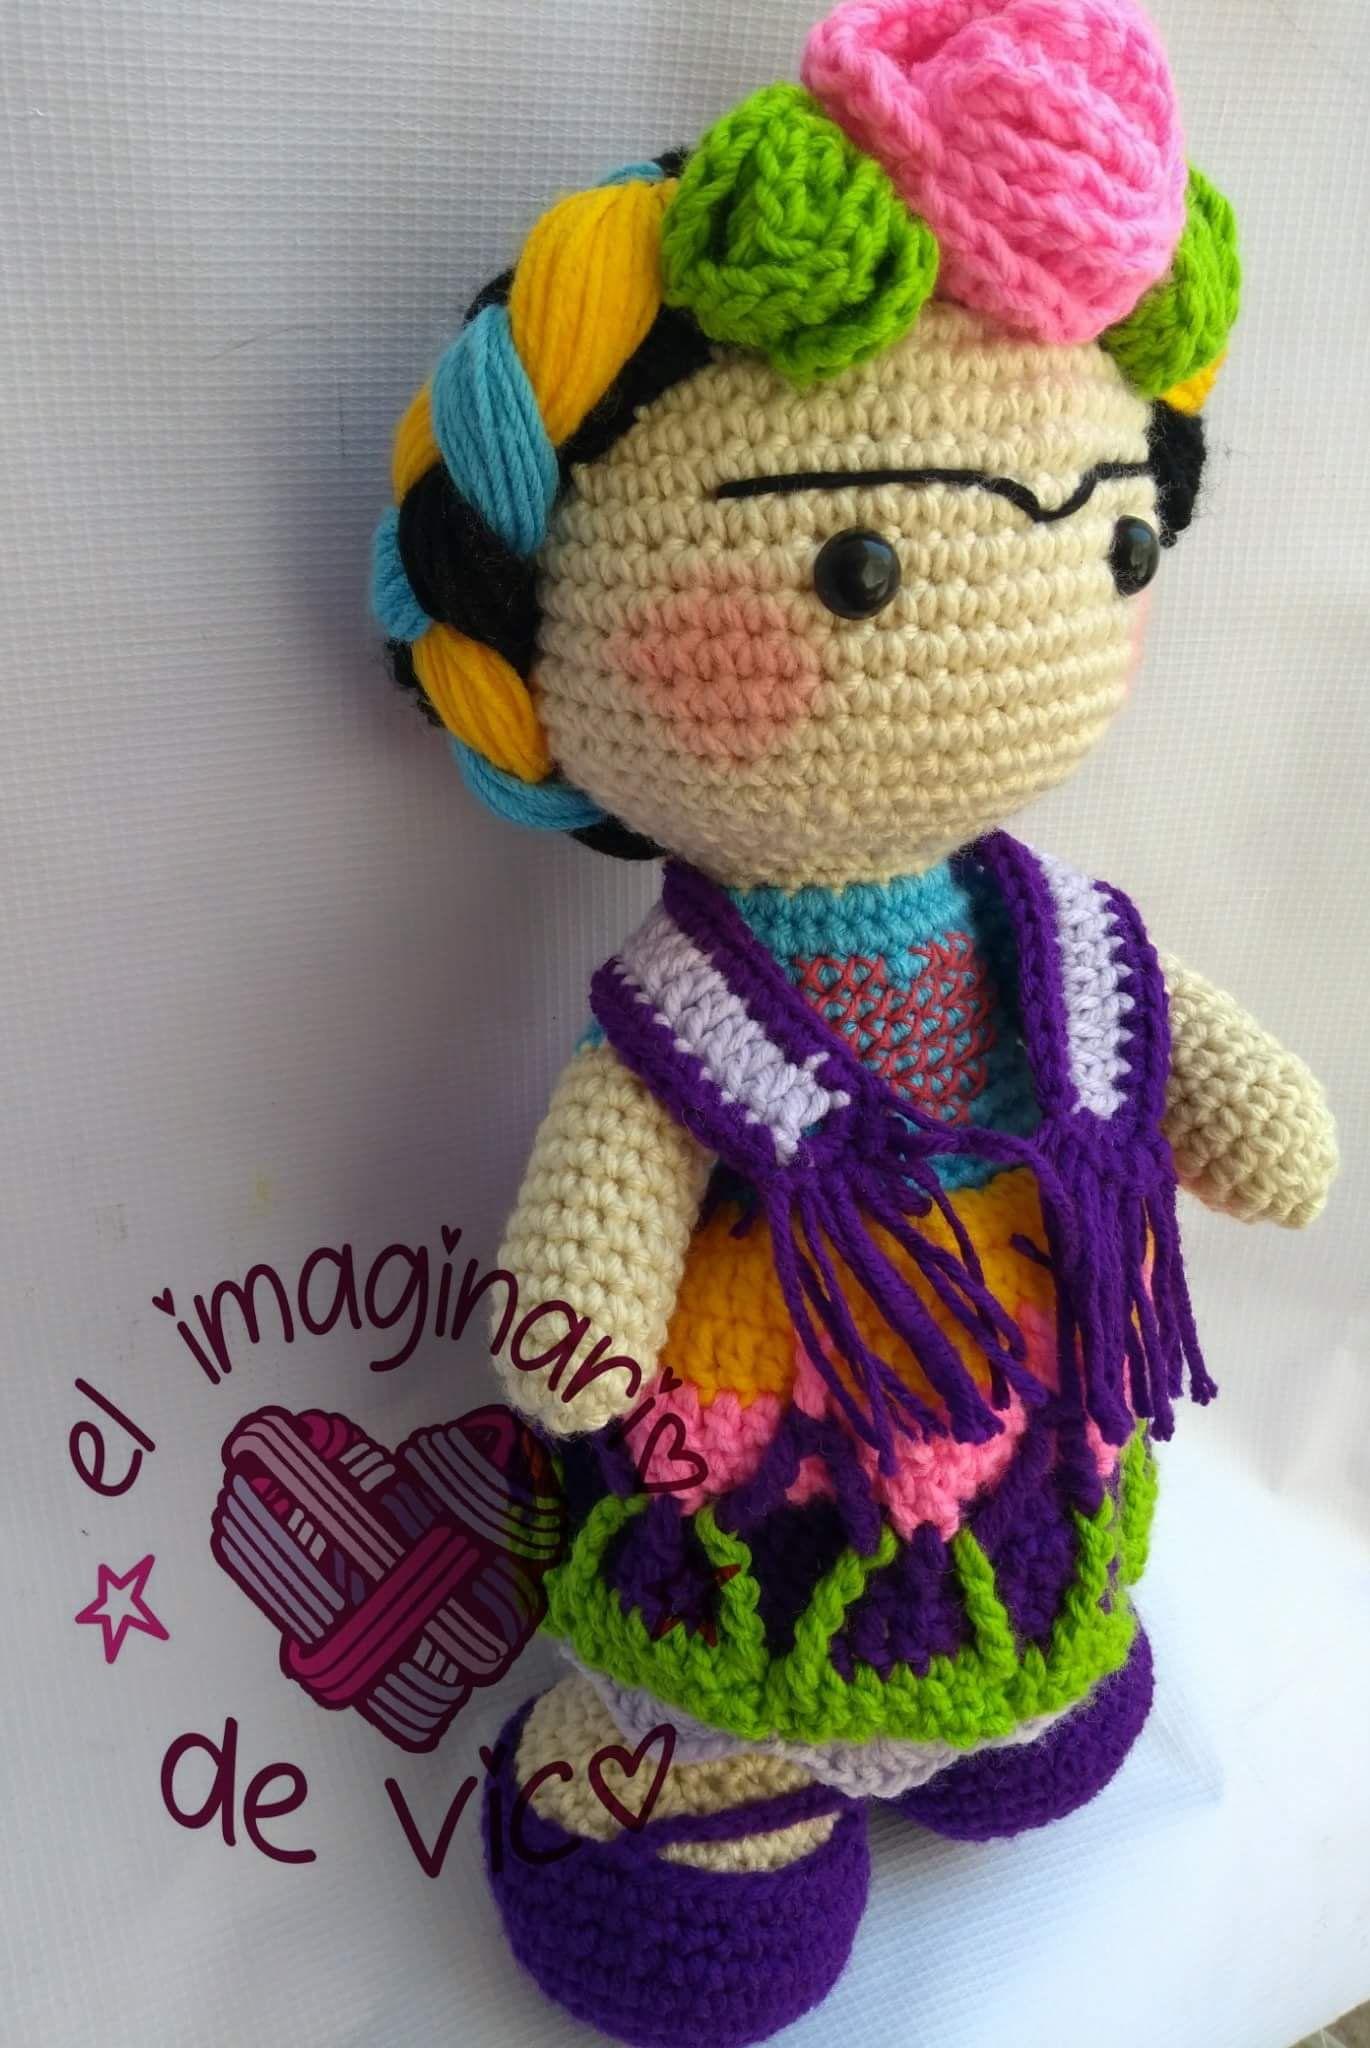 elimaginariodevico | # Frida # | Pinterest